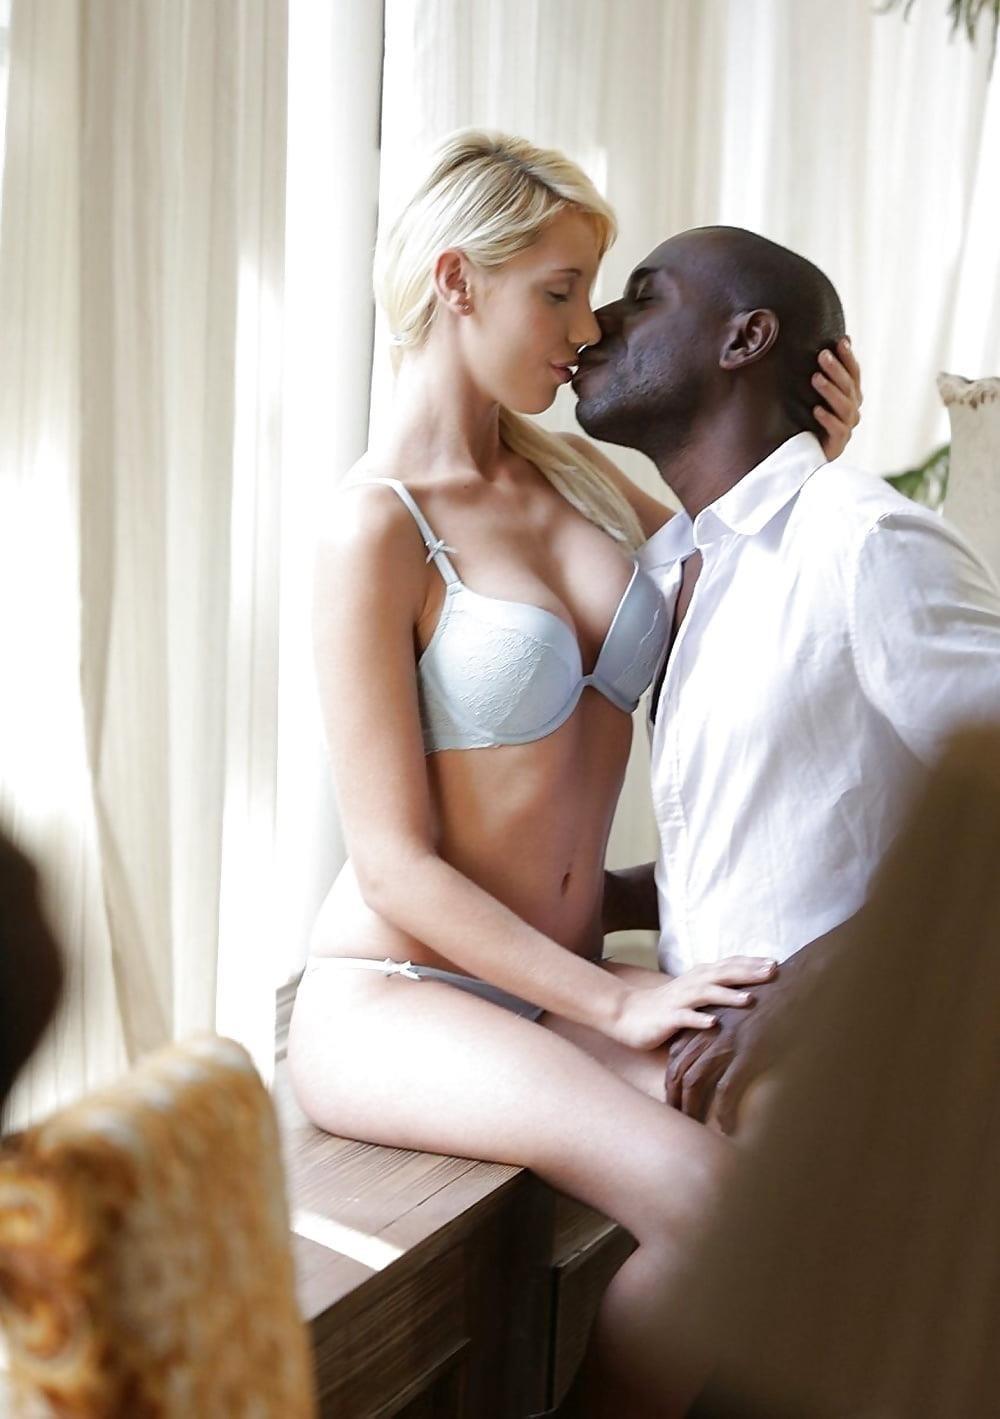 Interracial pics amateur-3407